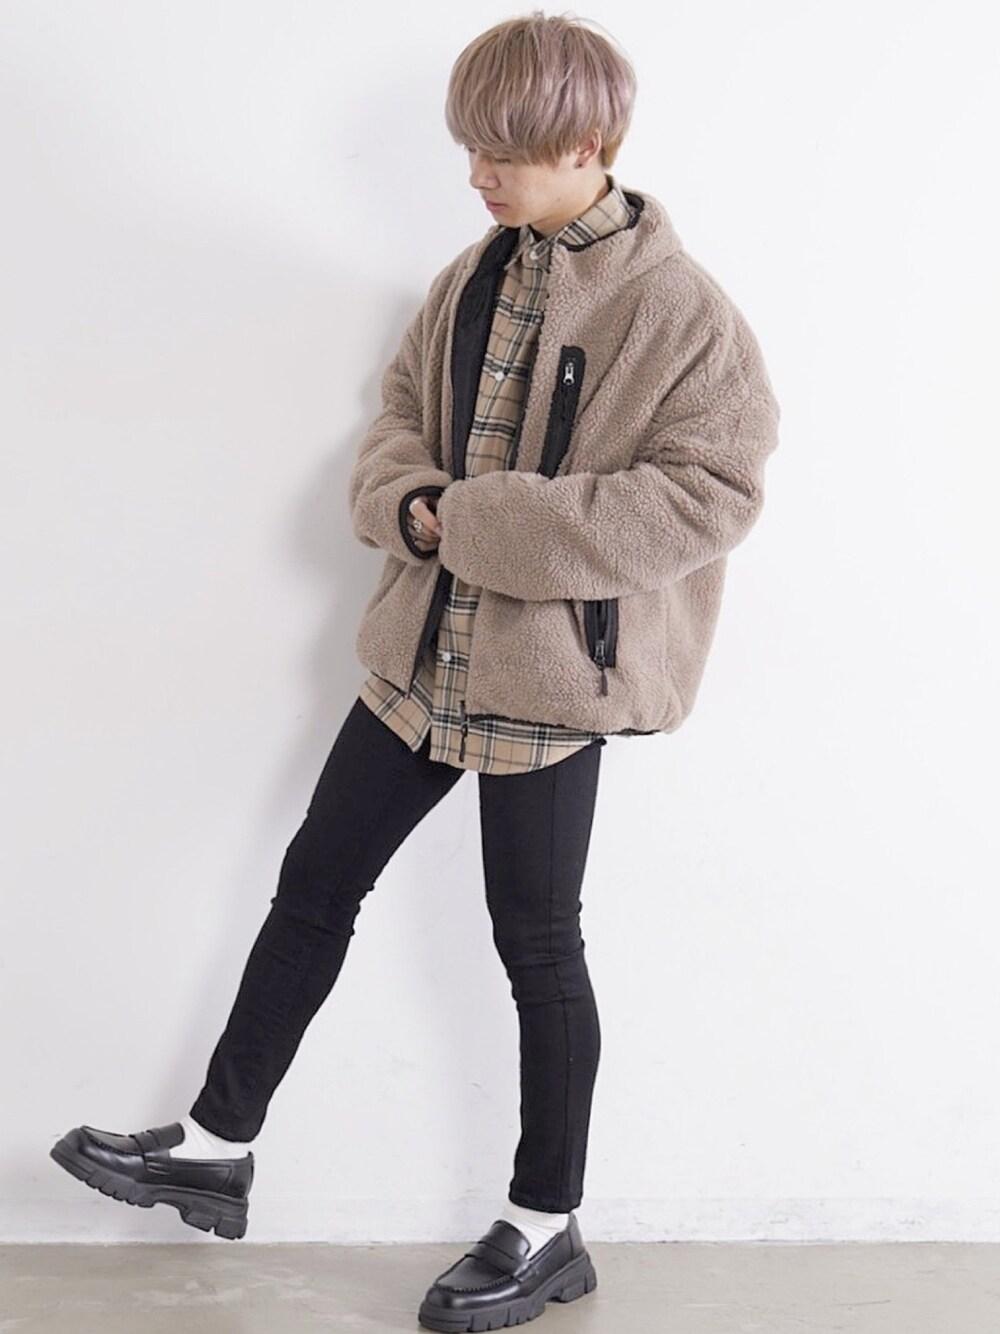 ヨーカドー ビルド 流行ファッション ビックサイズ感 おっさんに関連した画像-02